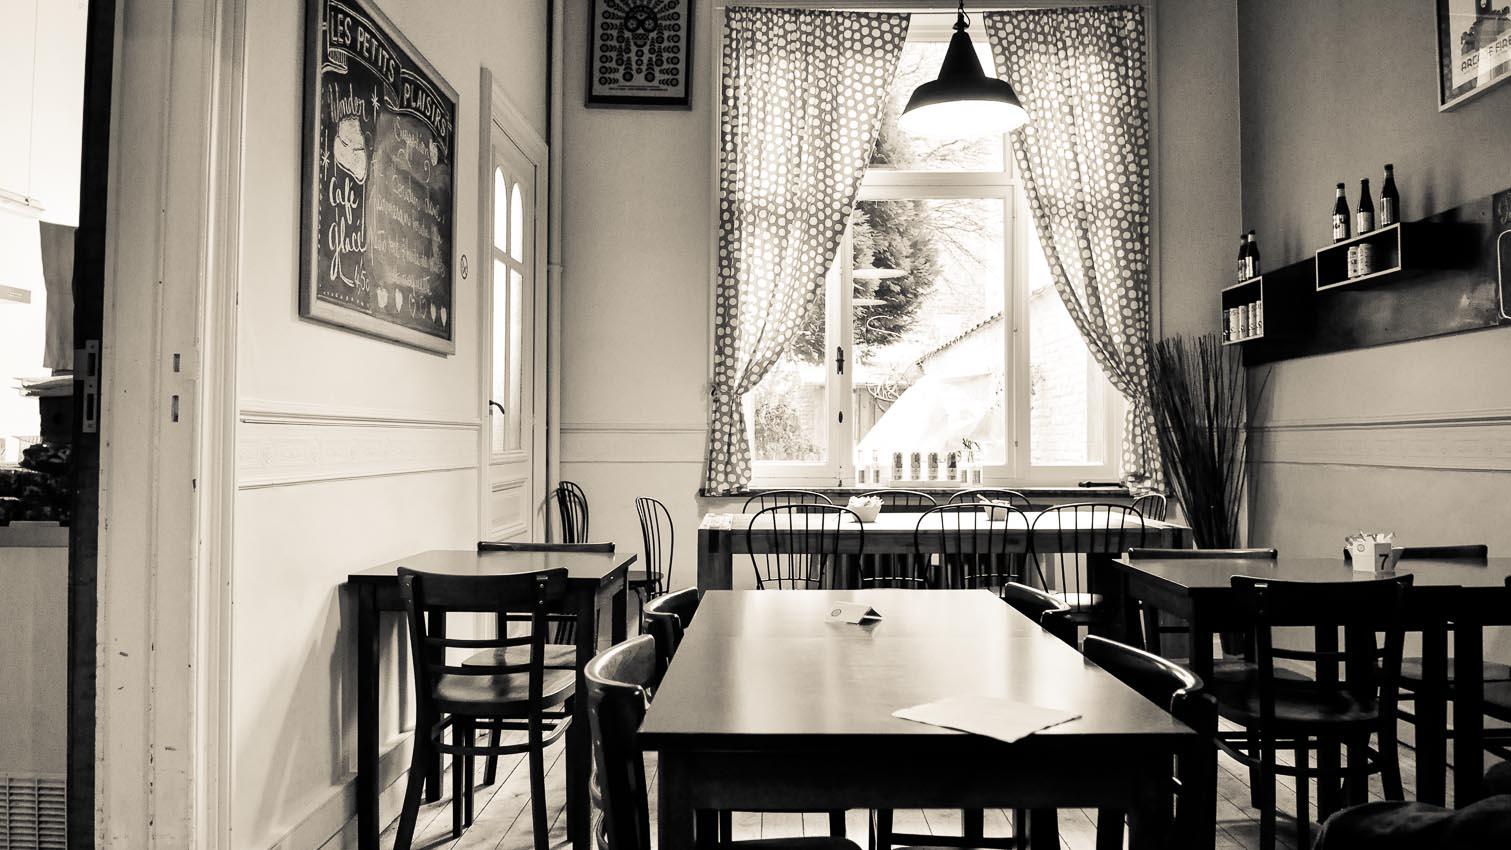 03-cafe-bar-resto-nightclub-decors-film-cinema-photo-belgium-bruxelles